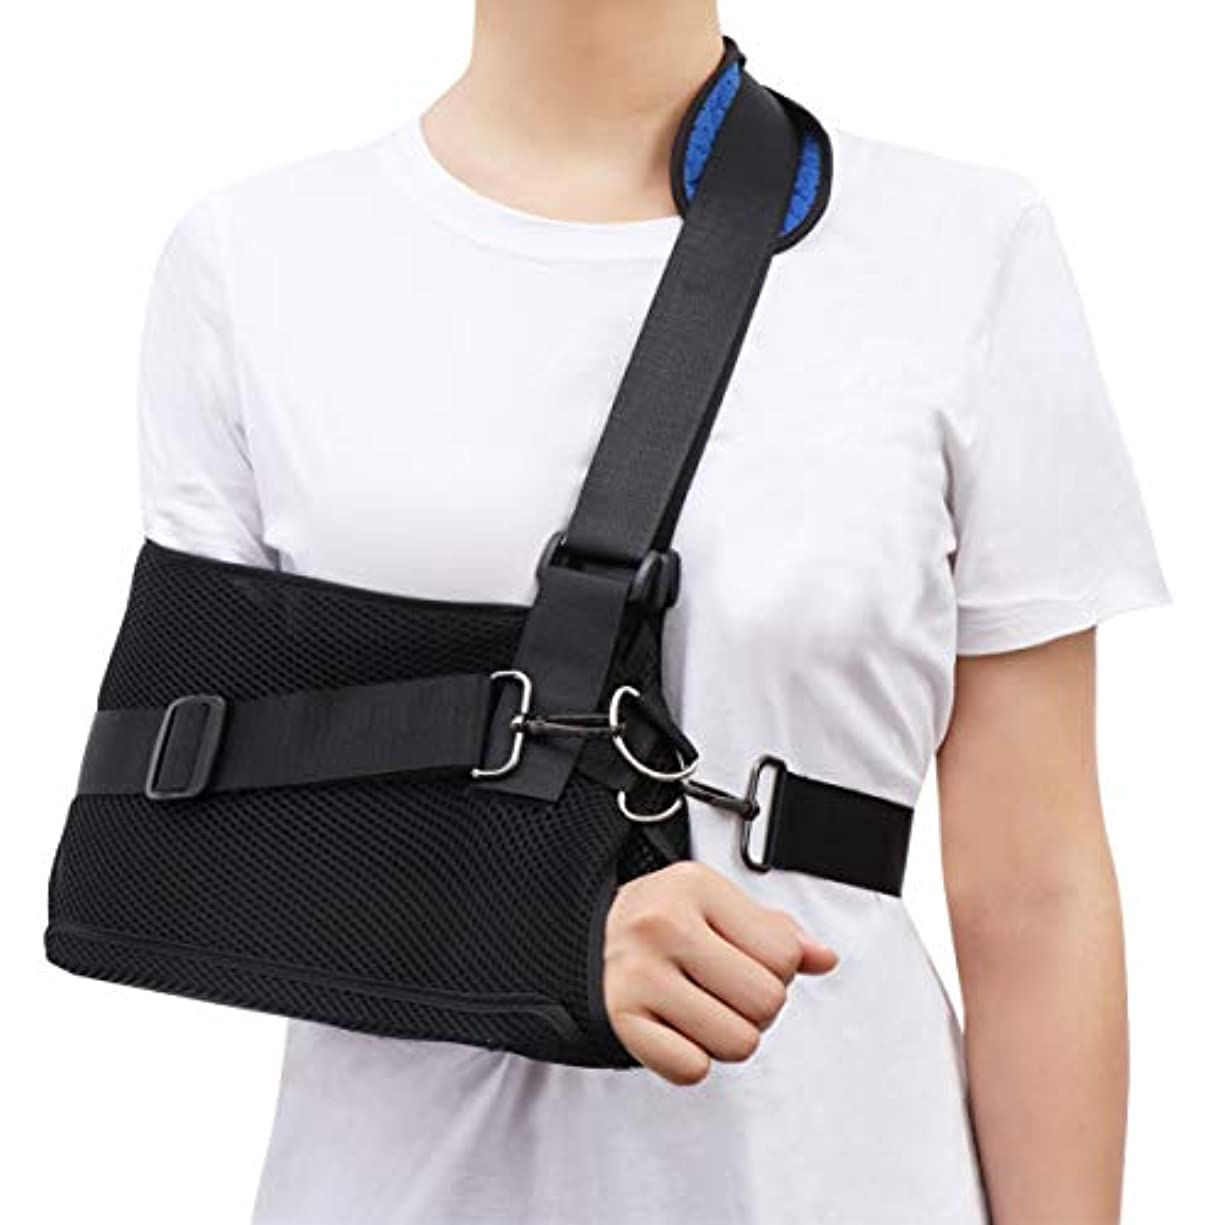 ニックネームレーザグラフSUPVOX 肩イモビライザースリングアームスリング医療肩イモビライザー回転子カフ手首肘前腕サポートブレースストラップ